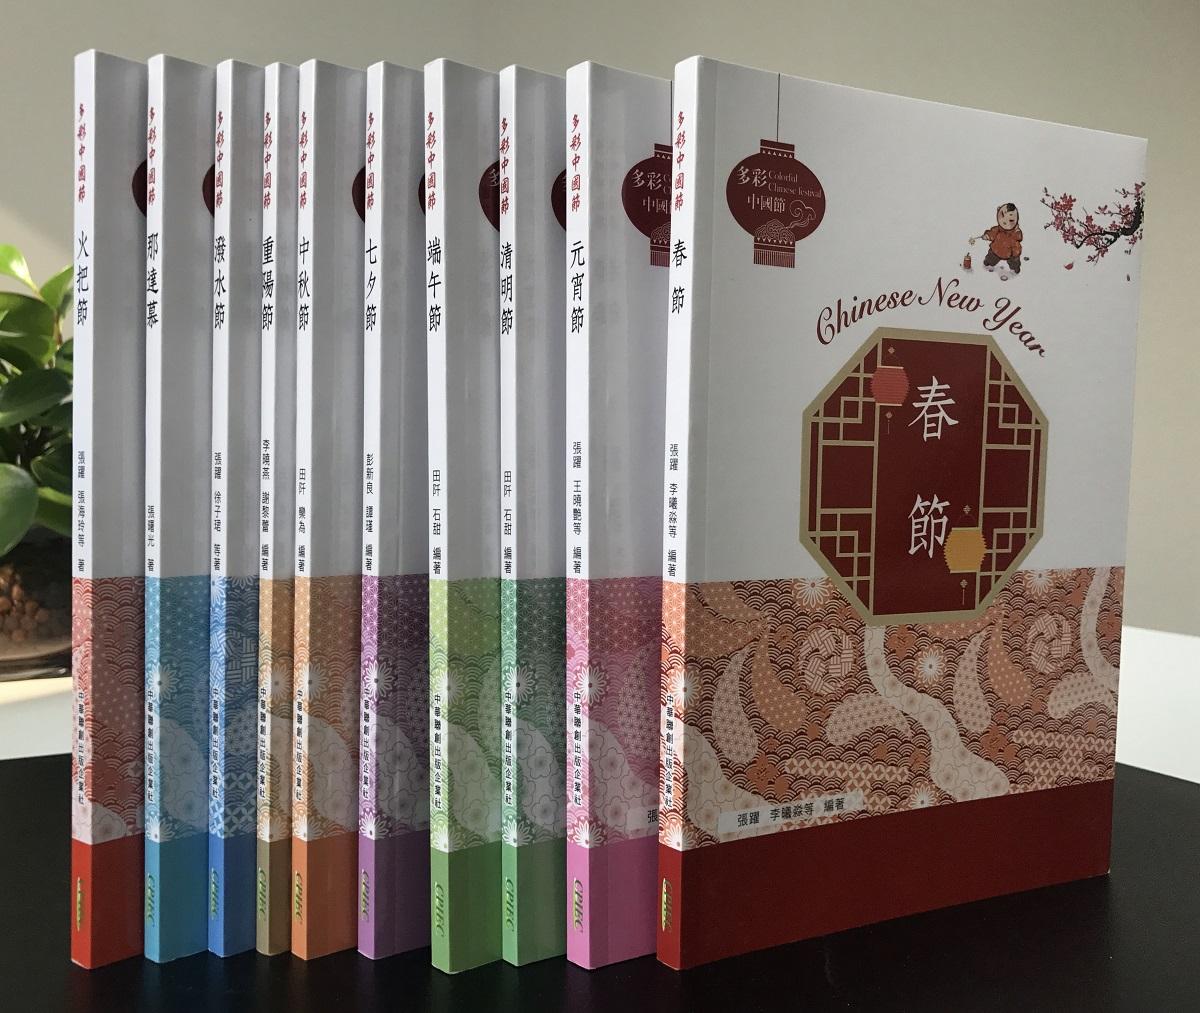 《多彩中国节》丛书在台湾出版